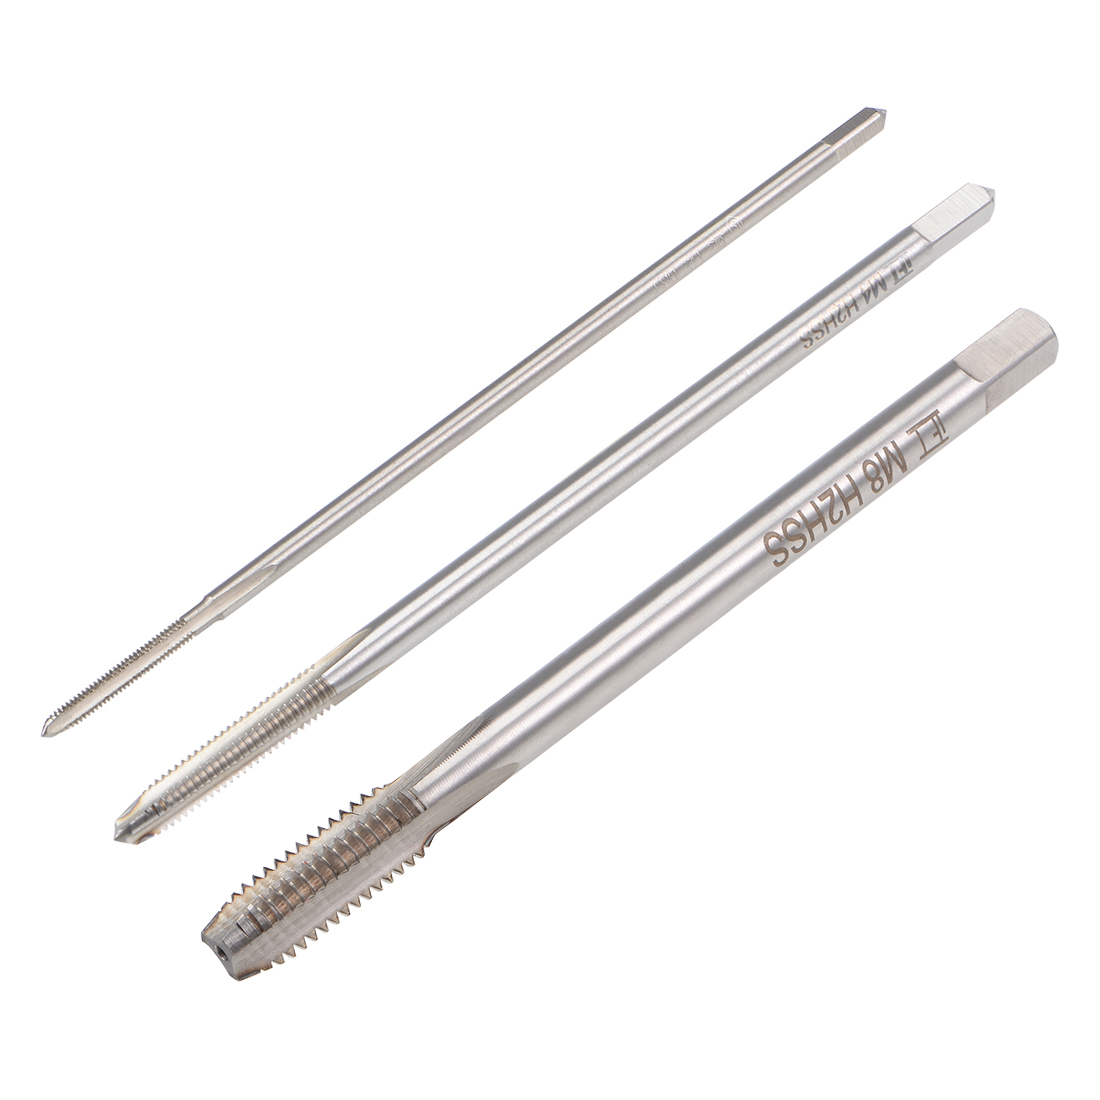 10pcs Metric Taps M2.5 x 0.45mm PitchThread Plug Tap HSS